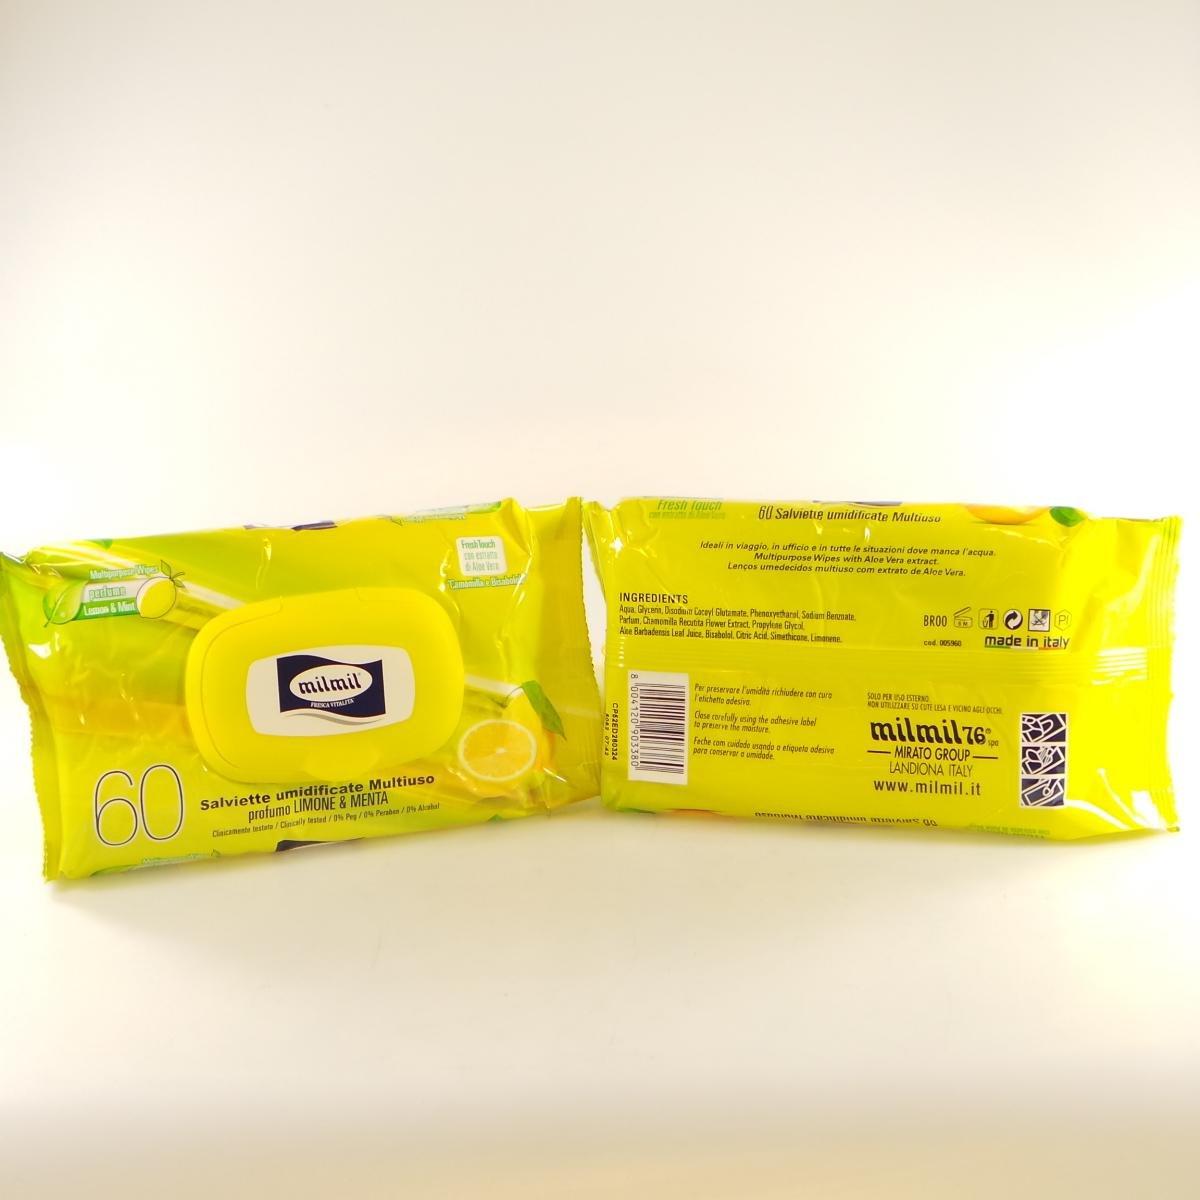 Salviette Multiuso 60 Salviettine Limone e Menta